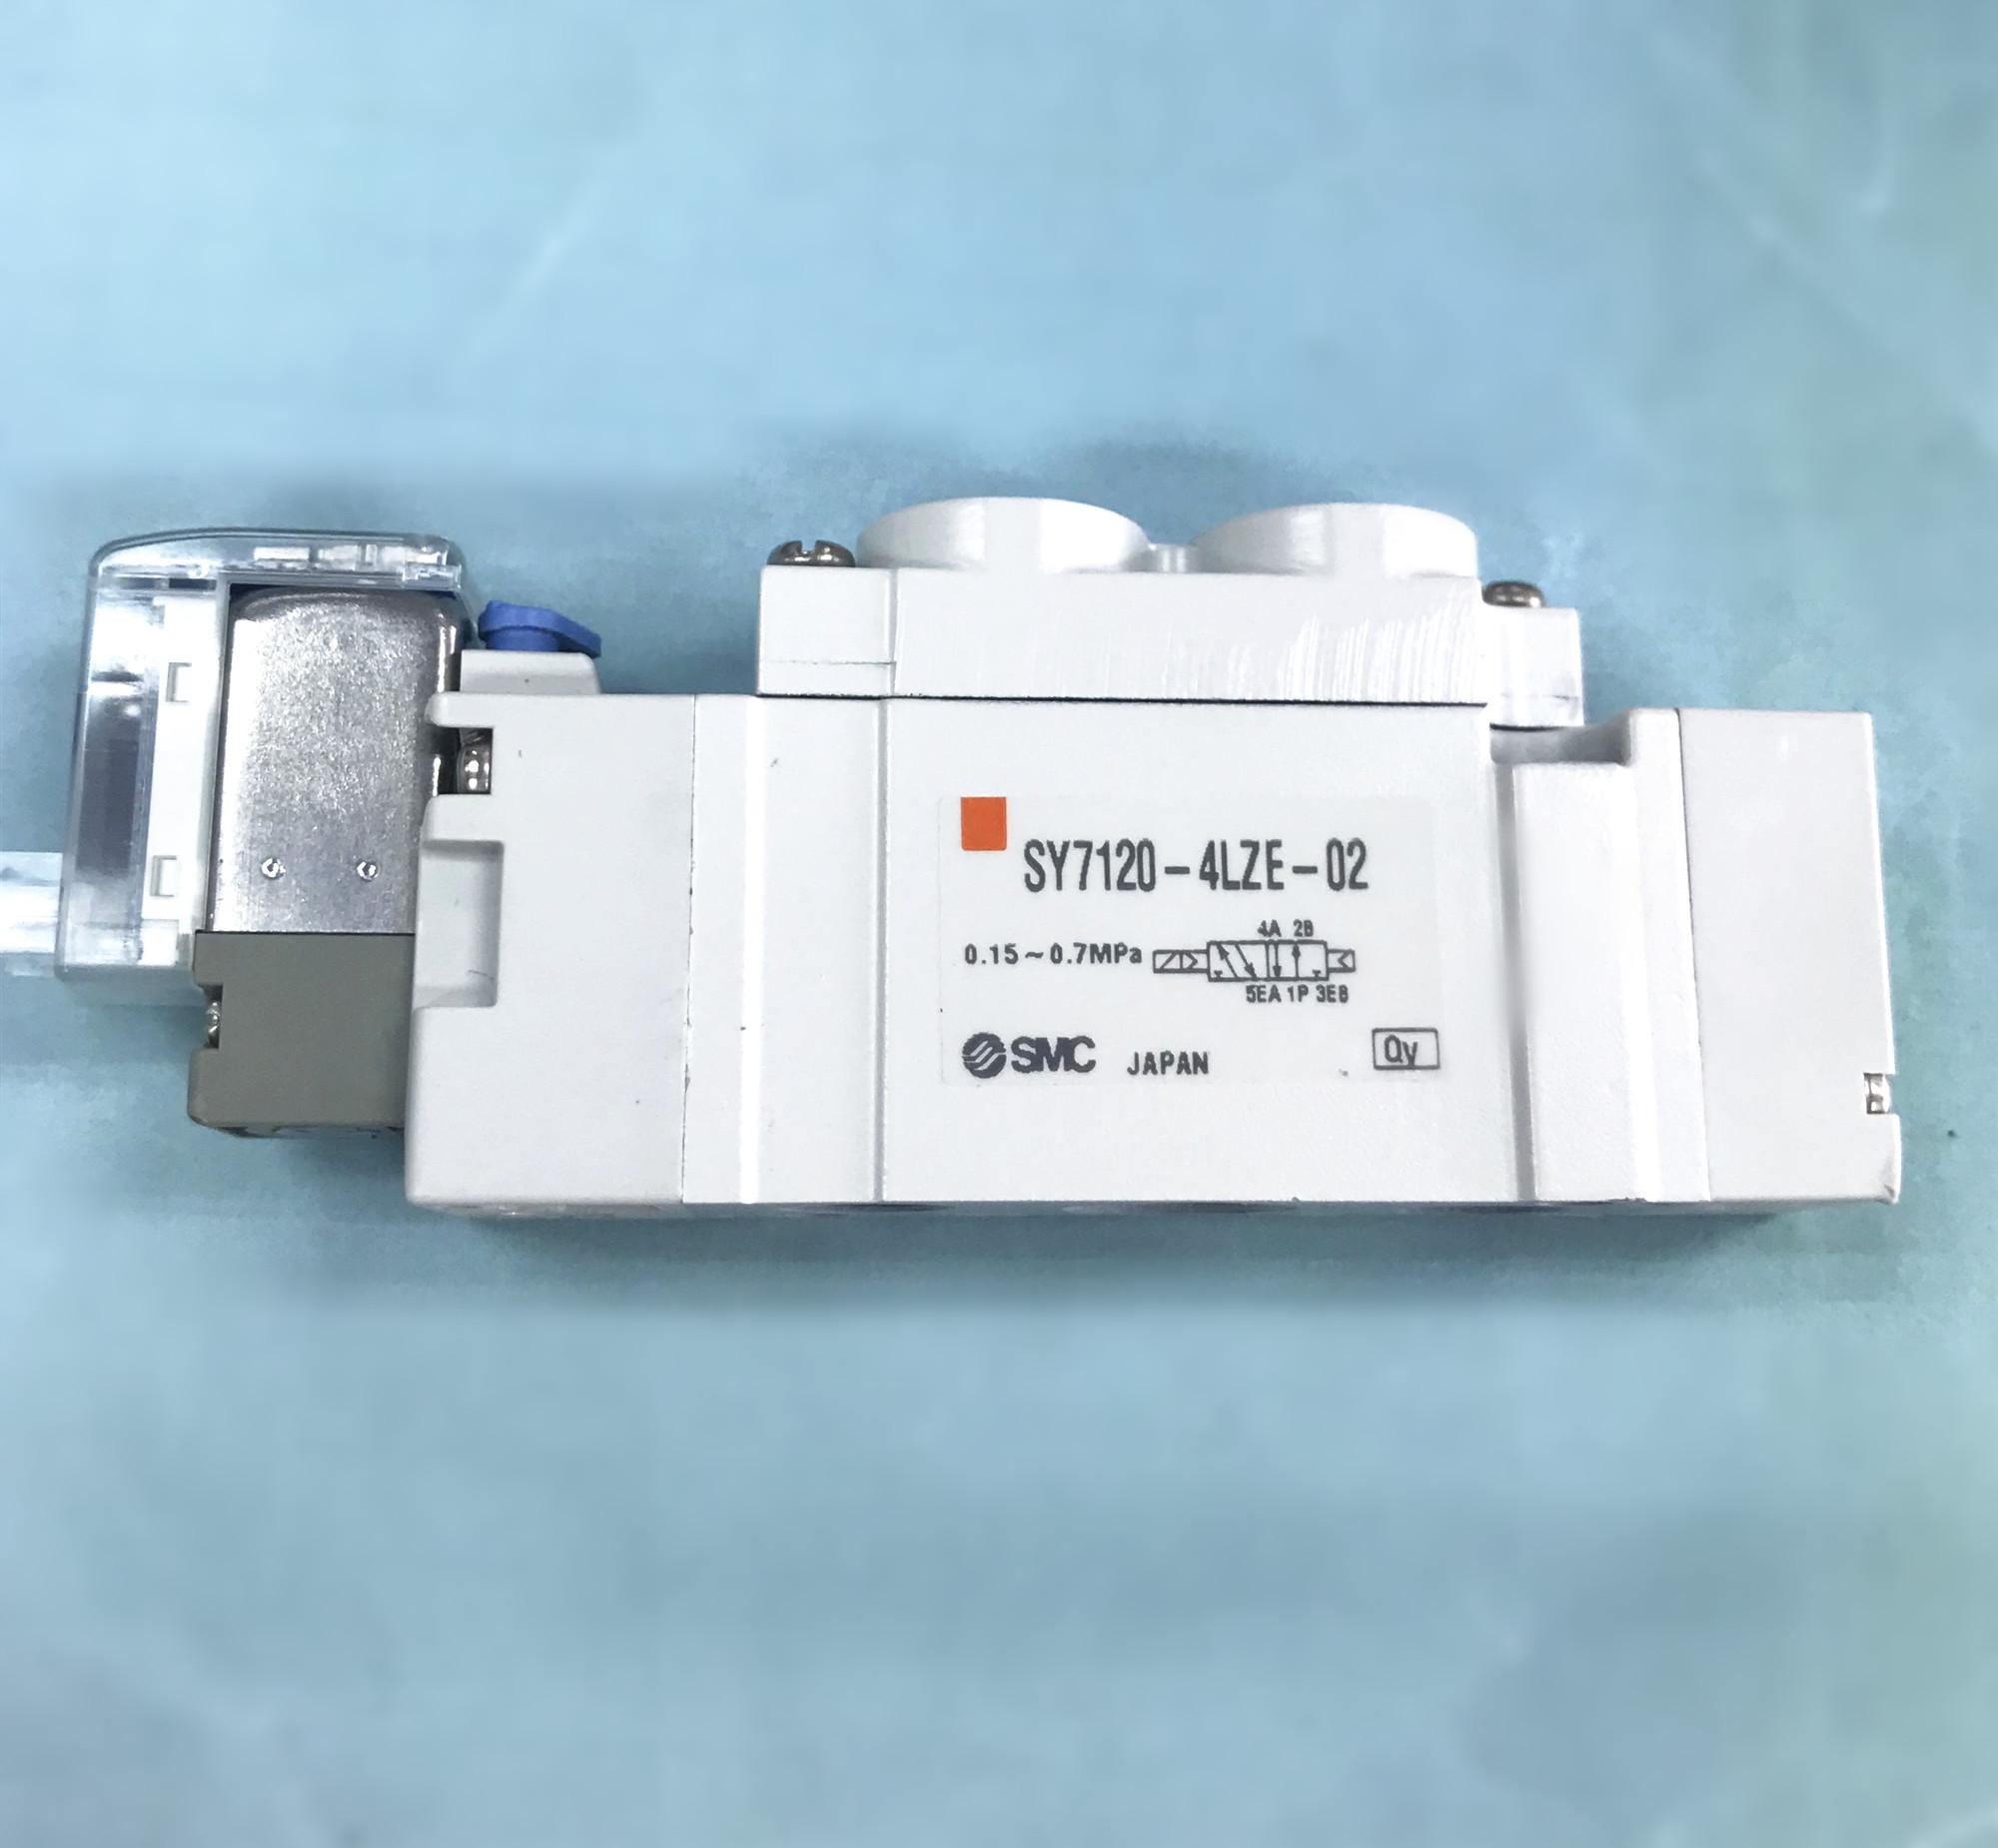 SY7120-4L2E-02 凡宜-SMC電磁閥